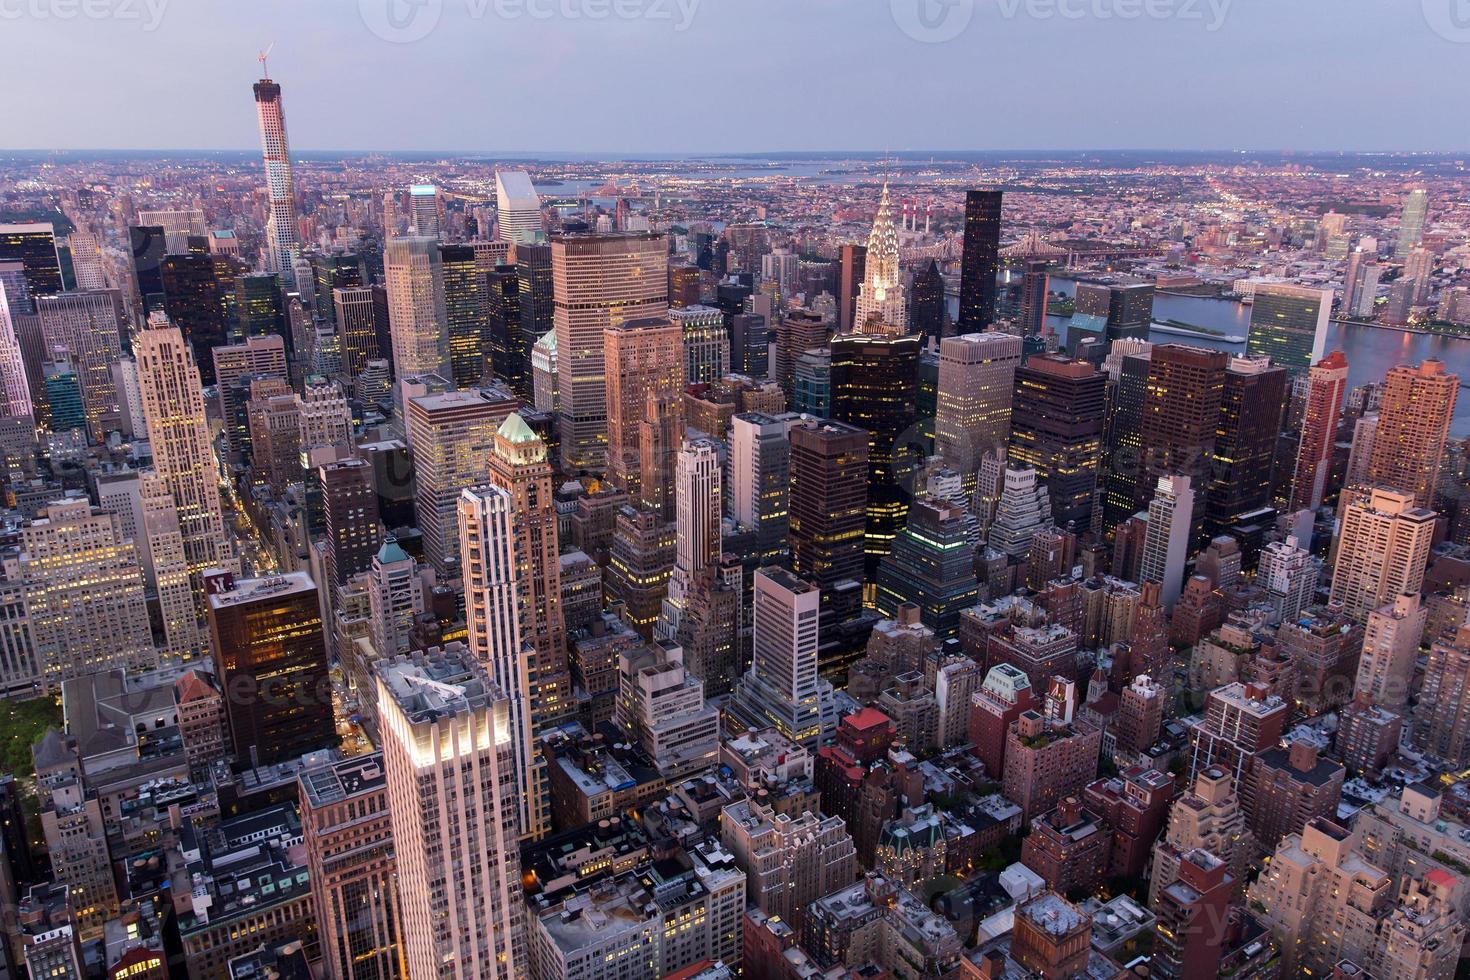 New York City mit Wolkenkratzern bei Sonnenuntergang foto